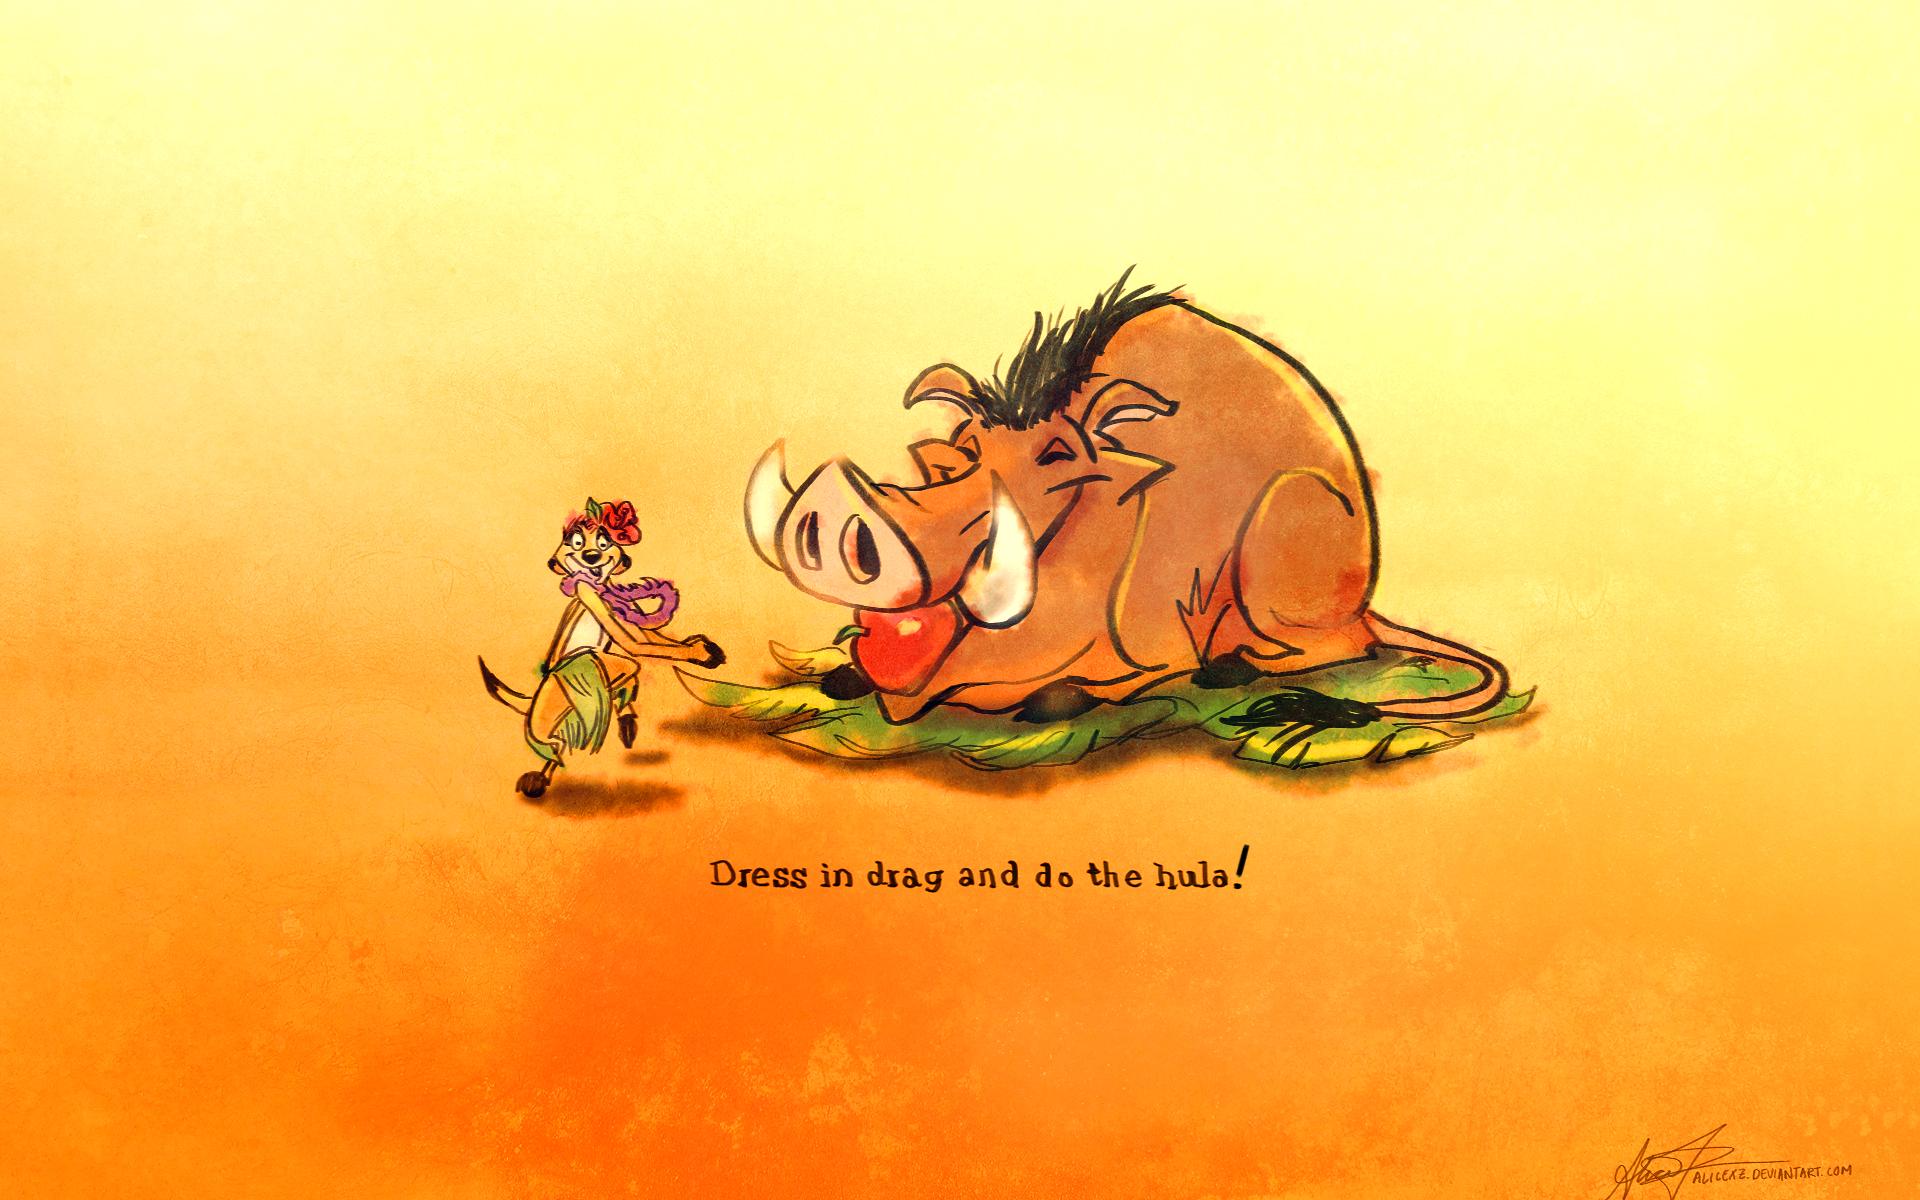 Le Roi Lion Full HD Fond D'écran And Arrière-Plan